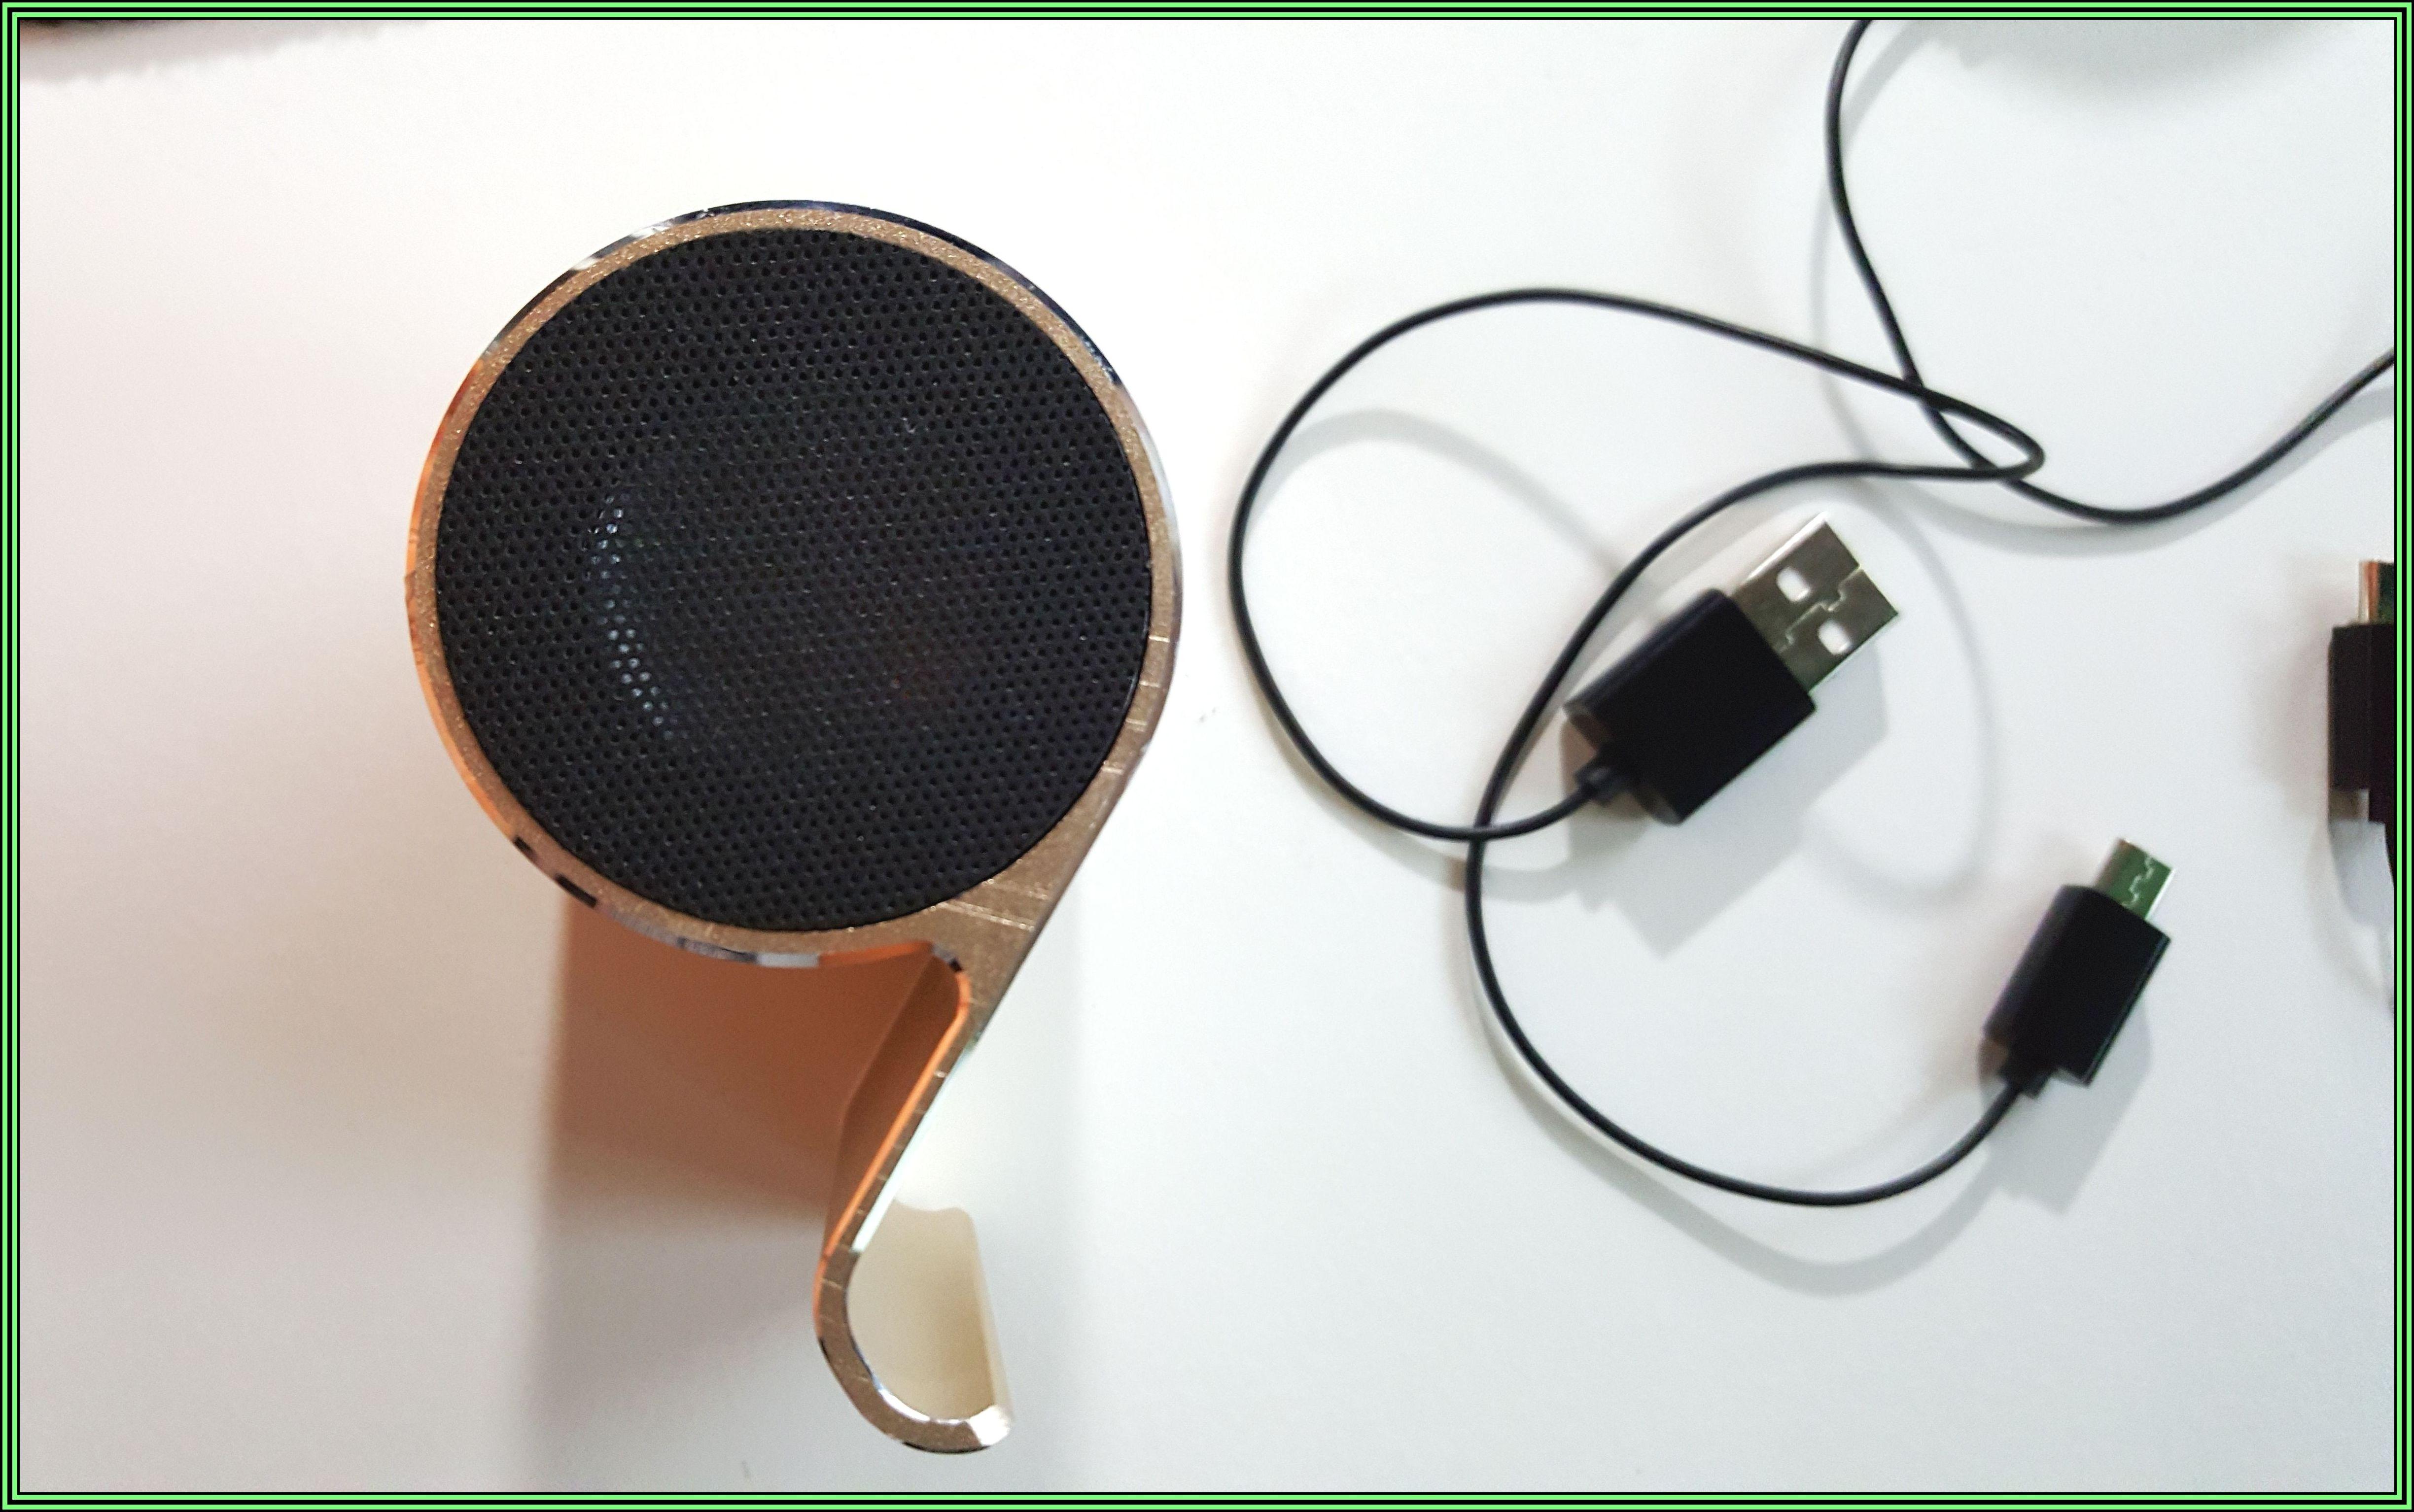 produkttest iharbort mini beweglicher nachladbarer bluetooth lautsprecher mit bass und handy. Black Bedroom Furniture Sets. Home Design Ideas